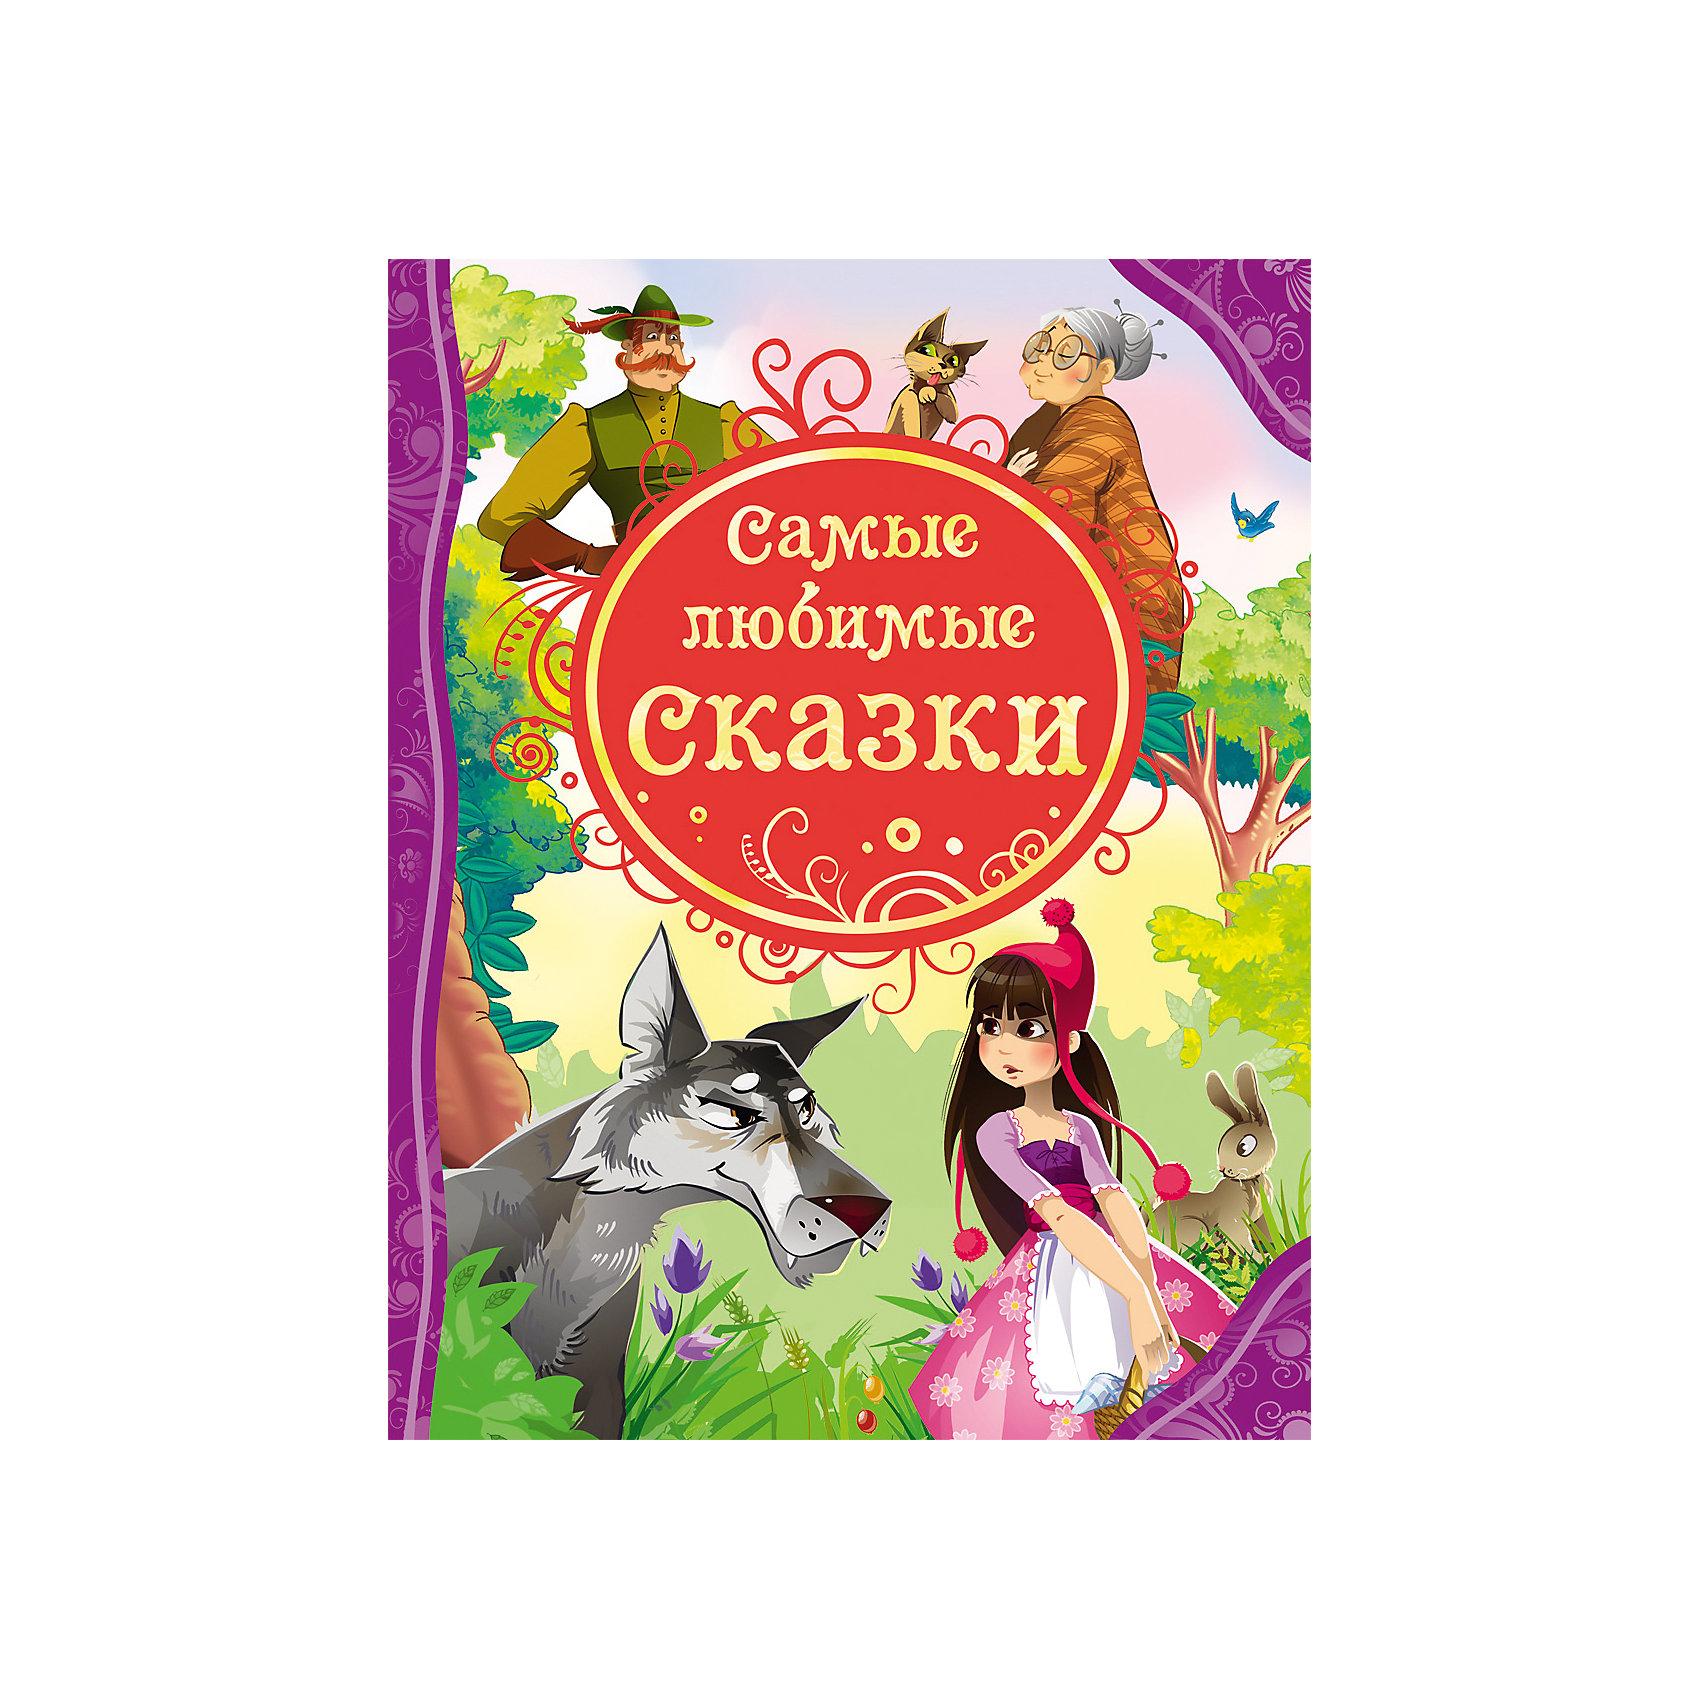 Самые любимые сказкиВ сборник вошли известные, а также редкие и не менее интересные сказки: «Красная Шапочка», «Джек и золотая табакерка», «Синдбад-мореход», « Летающий сундук», «Зеленая змея», «Королева-пчела», «12 охотников», «Синяя птица» и «Пончик». Яркие иллюстрации на каждой странице. Крупный шрифт. Тексты сказок адаптированы для детей от 3 до 5 лет.<br><br>Ширина мм: 265<br>Глубина мм: 205<br>Высота мм: 15<br>Вес г: 564<br>Возраст от месяцев: 36<br>Возраст до месяцев: 2147483647<br>Пол: Унисекс<br>Возраст: Детский<br>SKU: 4720534